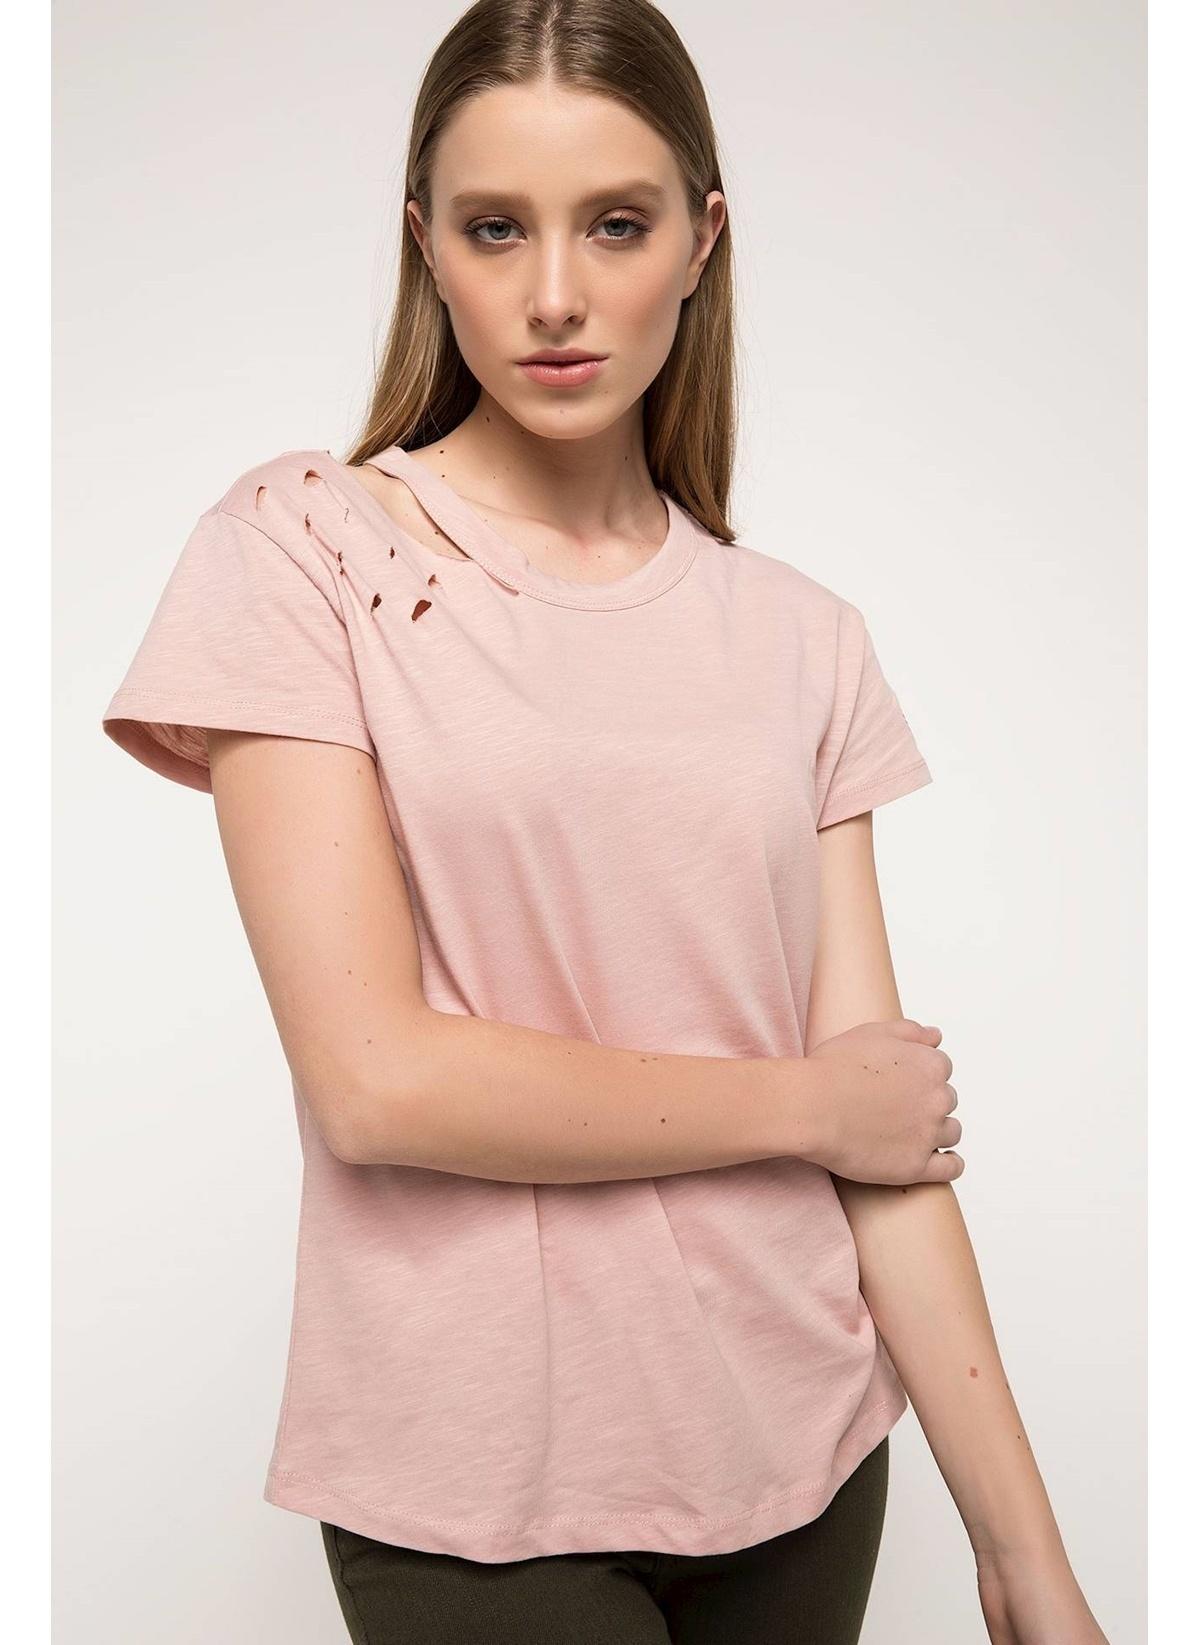 Defacto Yırtık Detaylı T-shirt I4790az18spbr86t-shirt – 24.99 TL